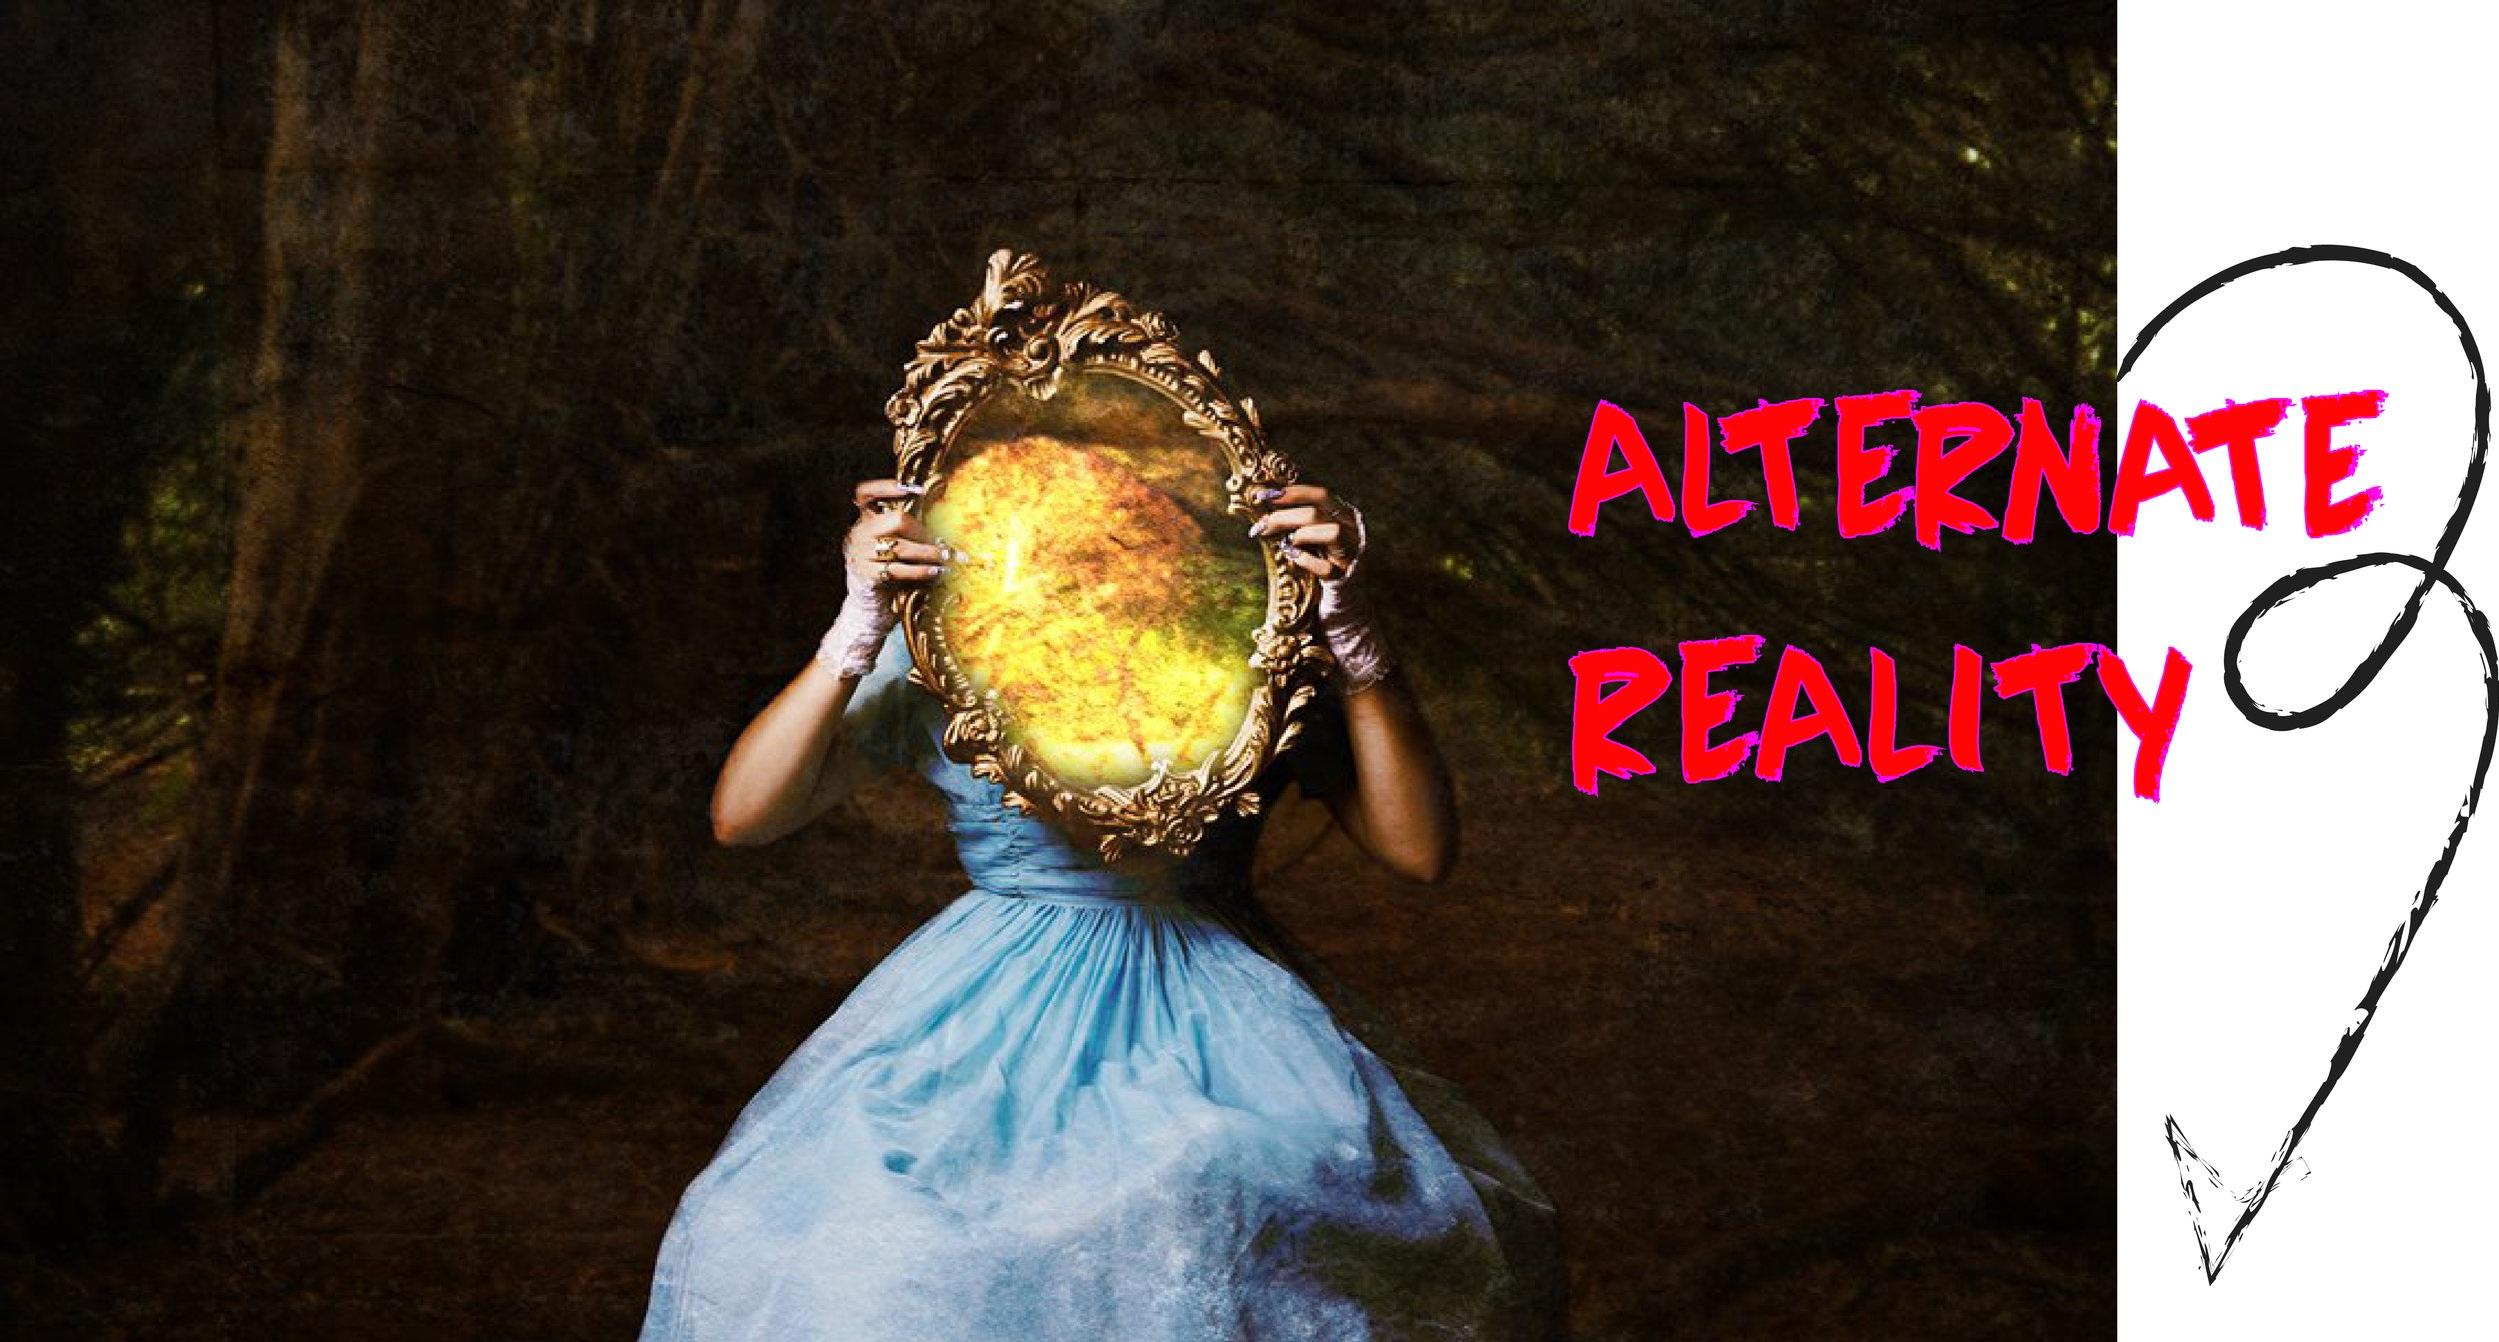 AlternateRealityCover.jpg